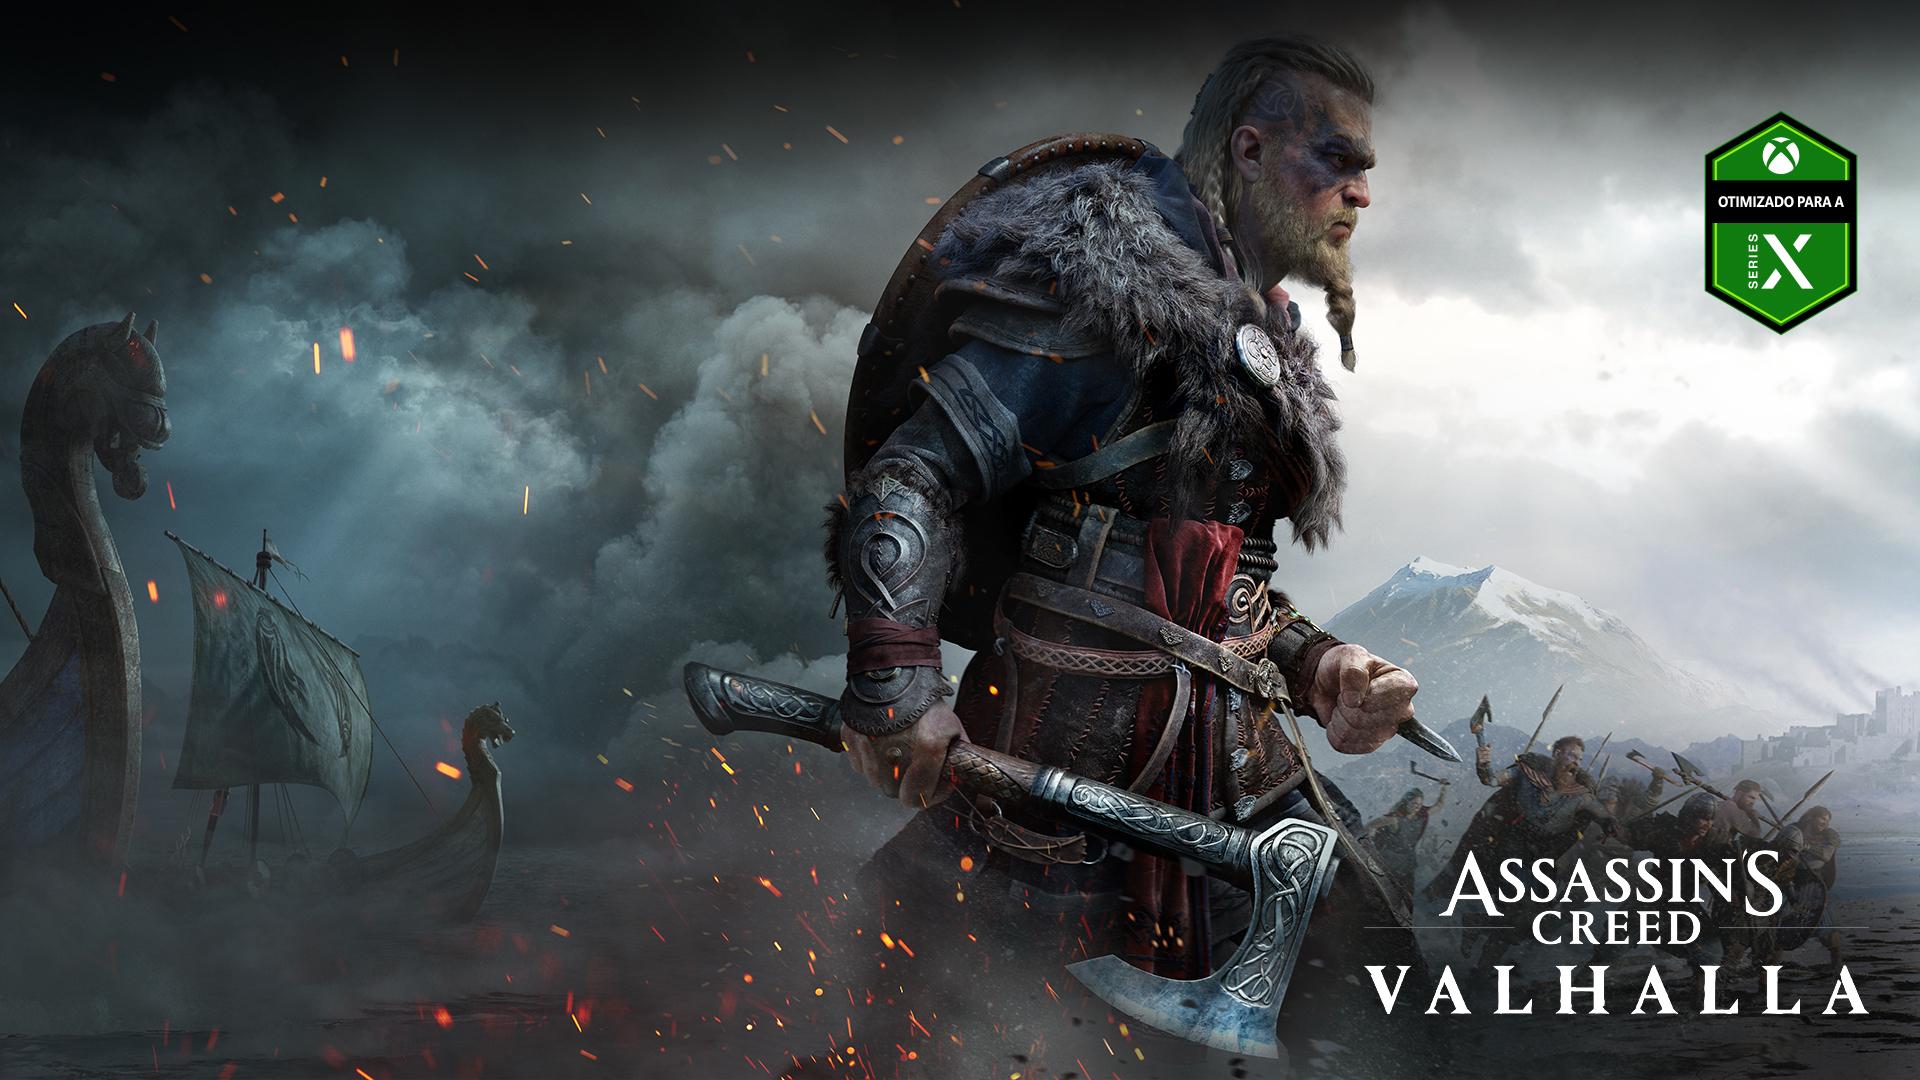 Logótipo do Otimizado para a Xbox Series X, Assassin's Creed Valhalla, personagem com um machado, navios no nevoeiro e uma batalha